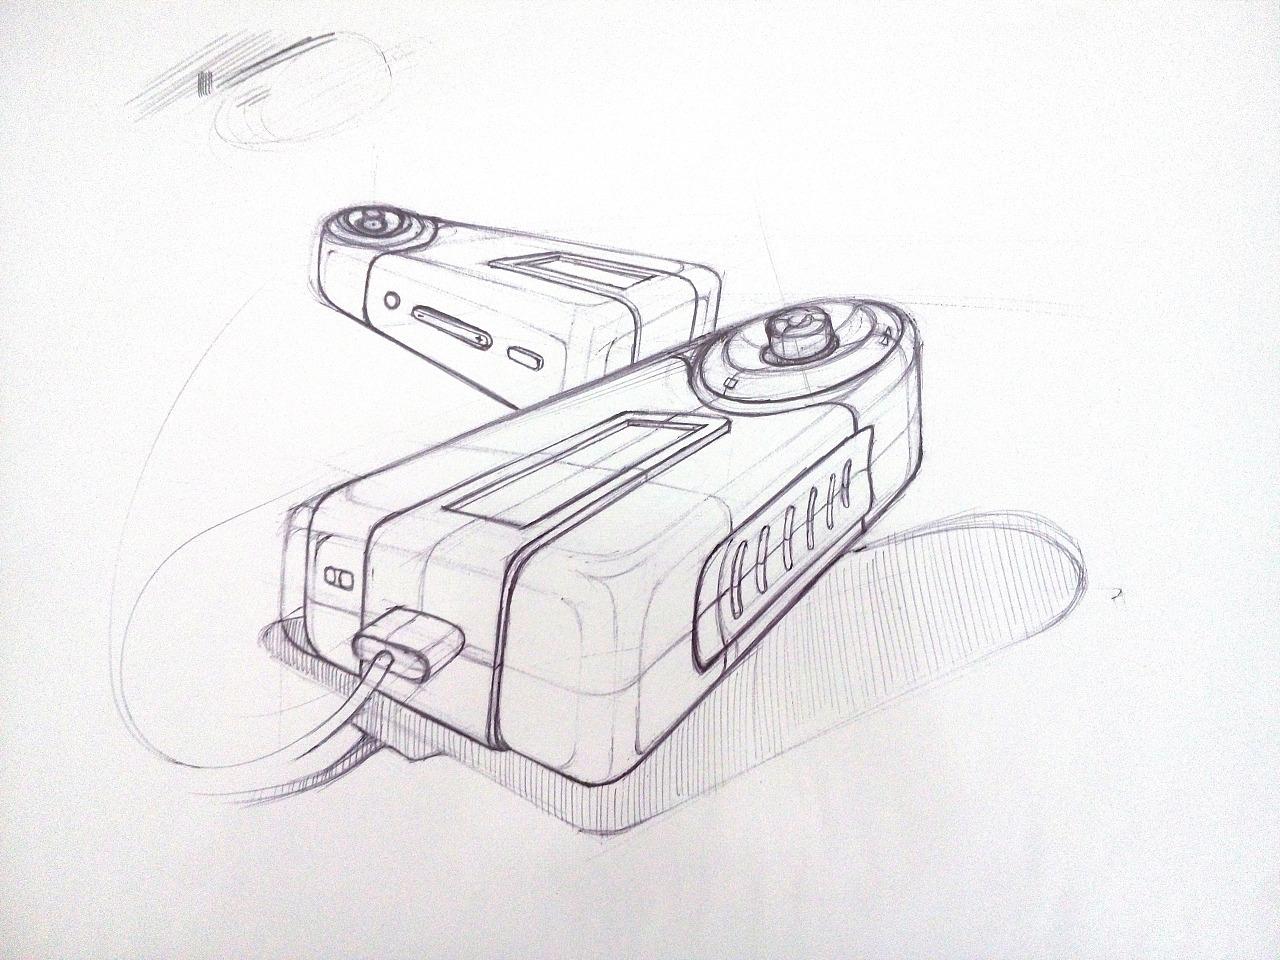 工业设计手绘稿练习